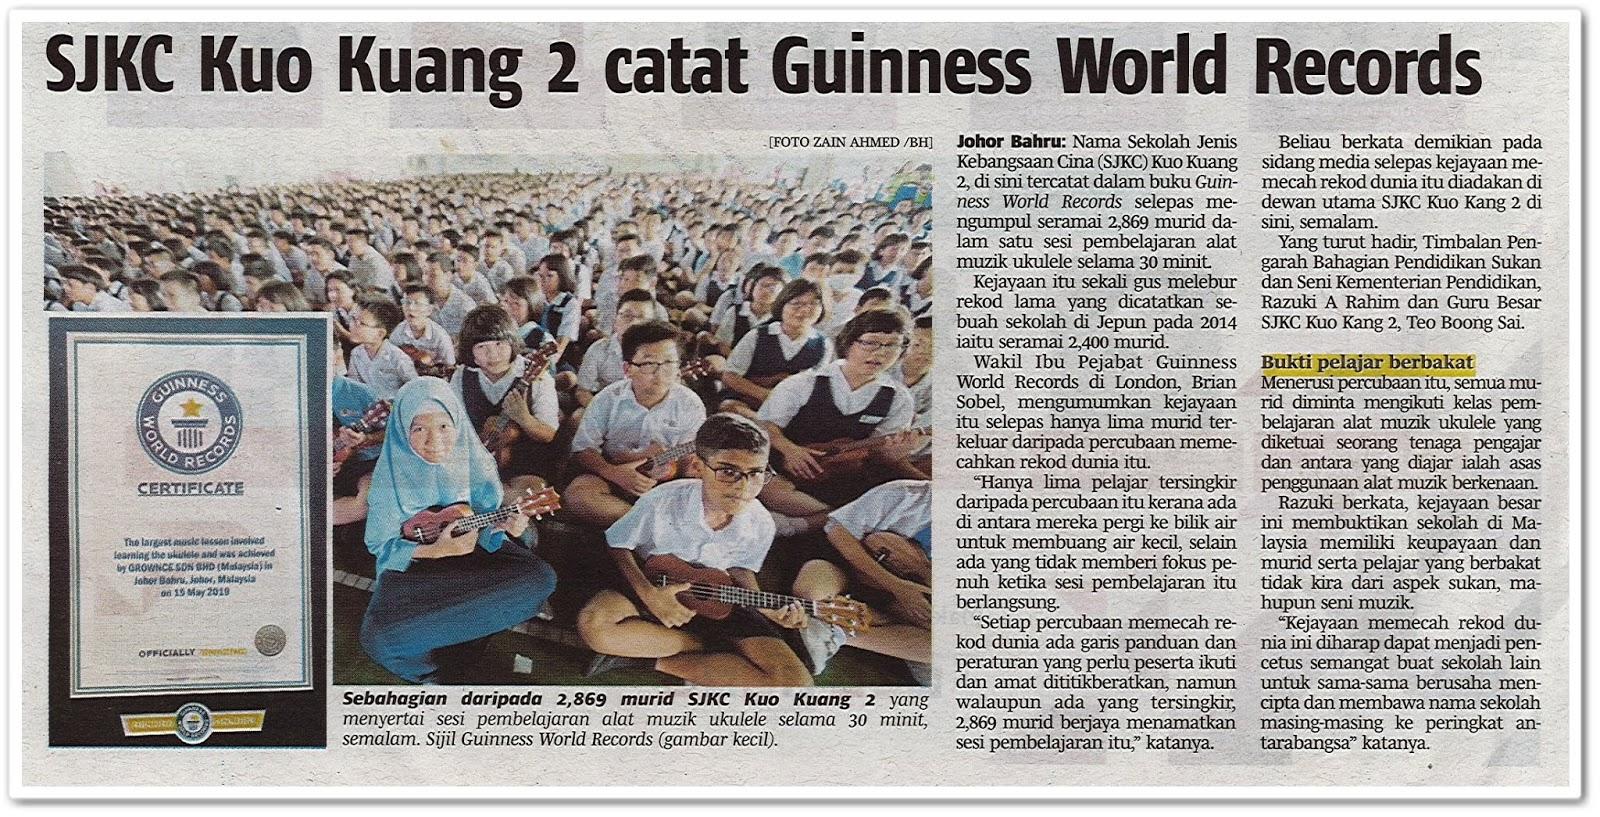 SJKC Kuo Kuang 2 catat Guinness World Records - Keratan akhbar Berita Harian 16 Mei 2019